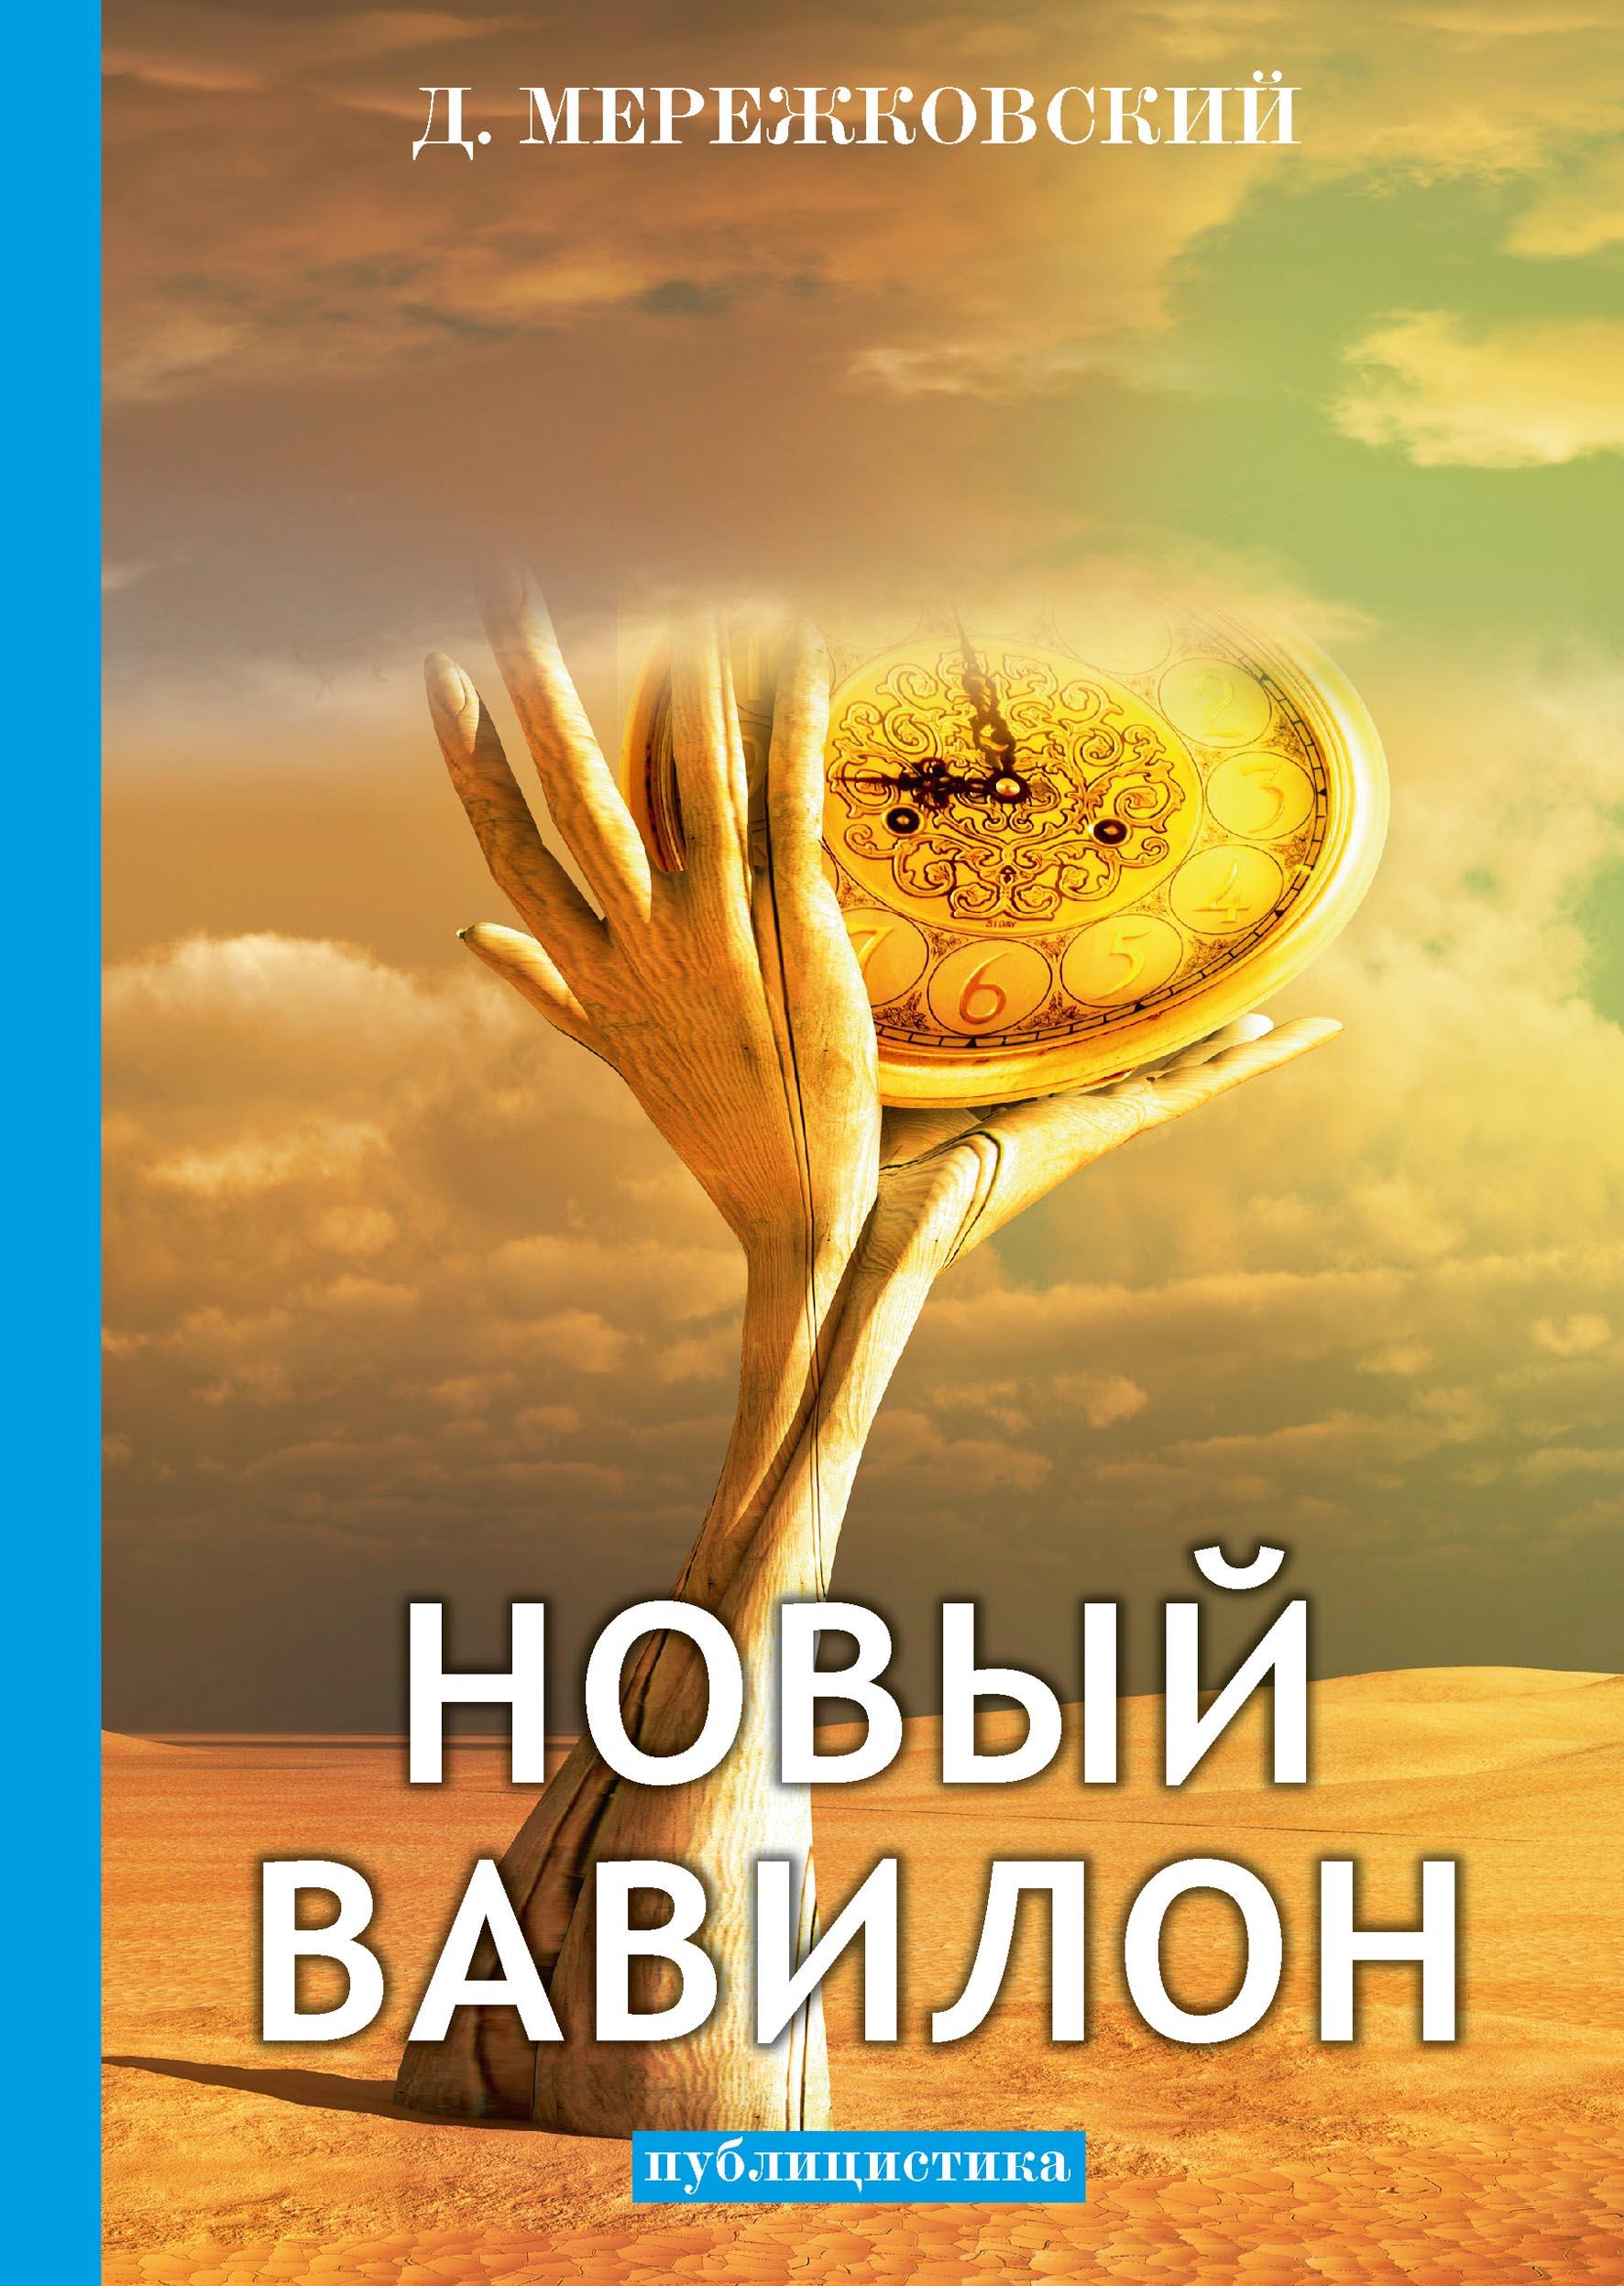 Мережковский Д. Новый Вавилон отсутствует стамбул новый вавилон на берегах босфора